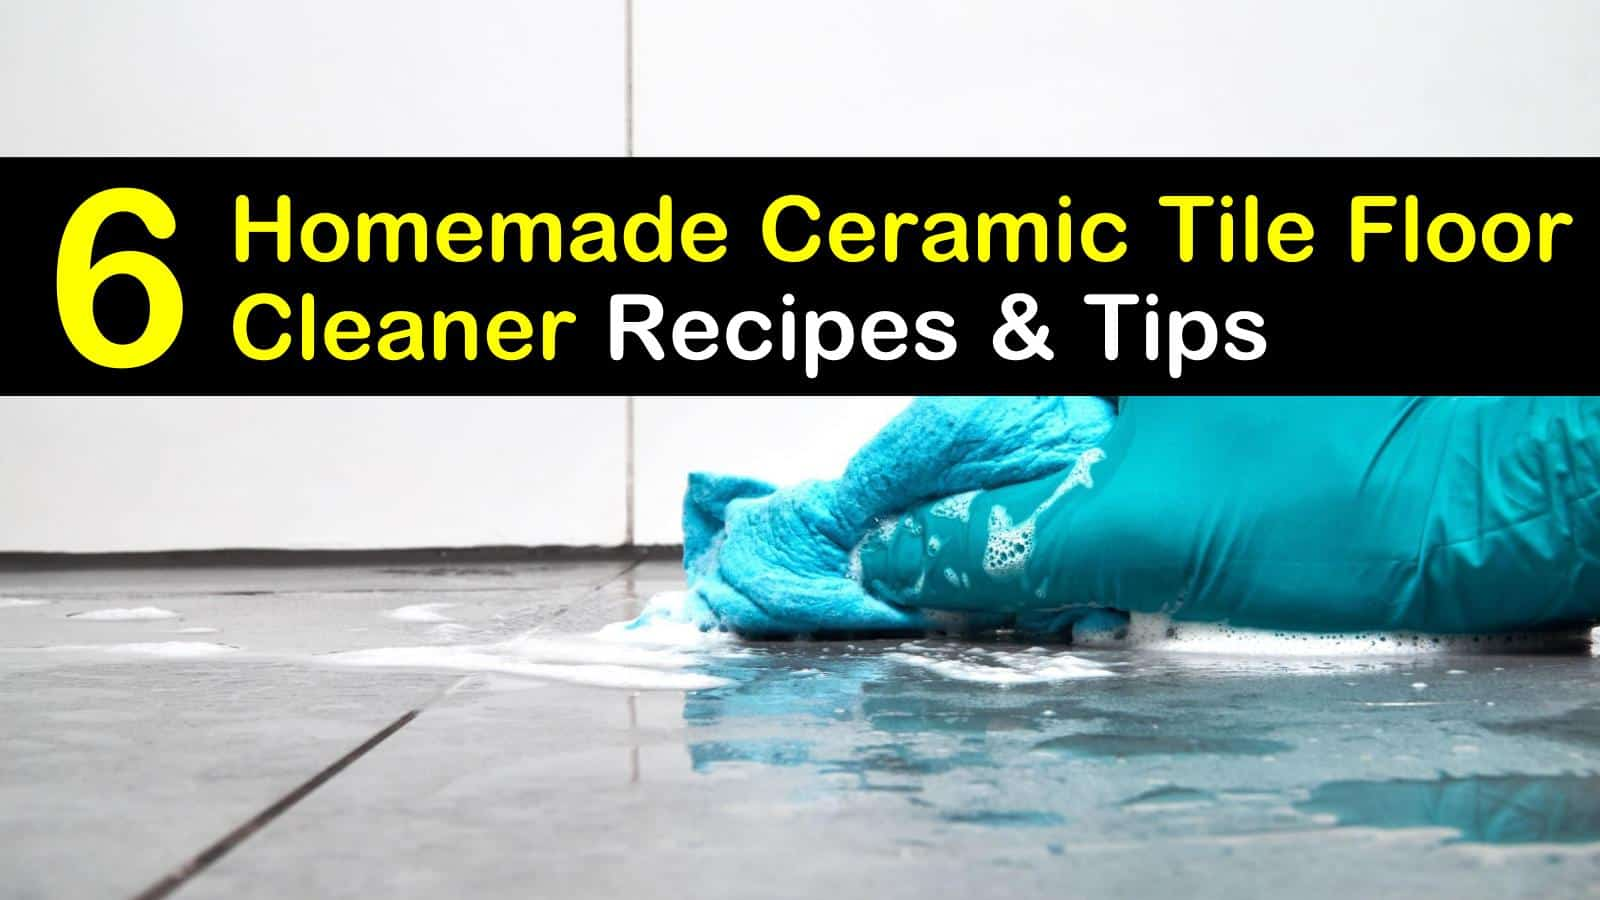 homemade ceramic tile floor cleaner titleimg1